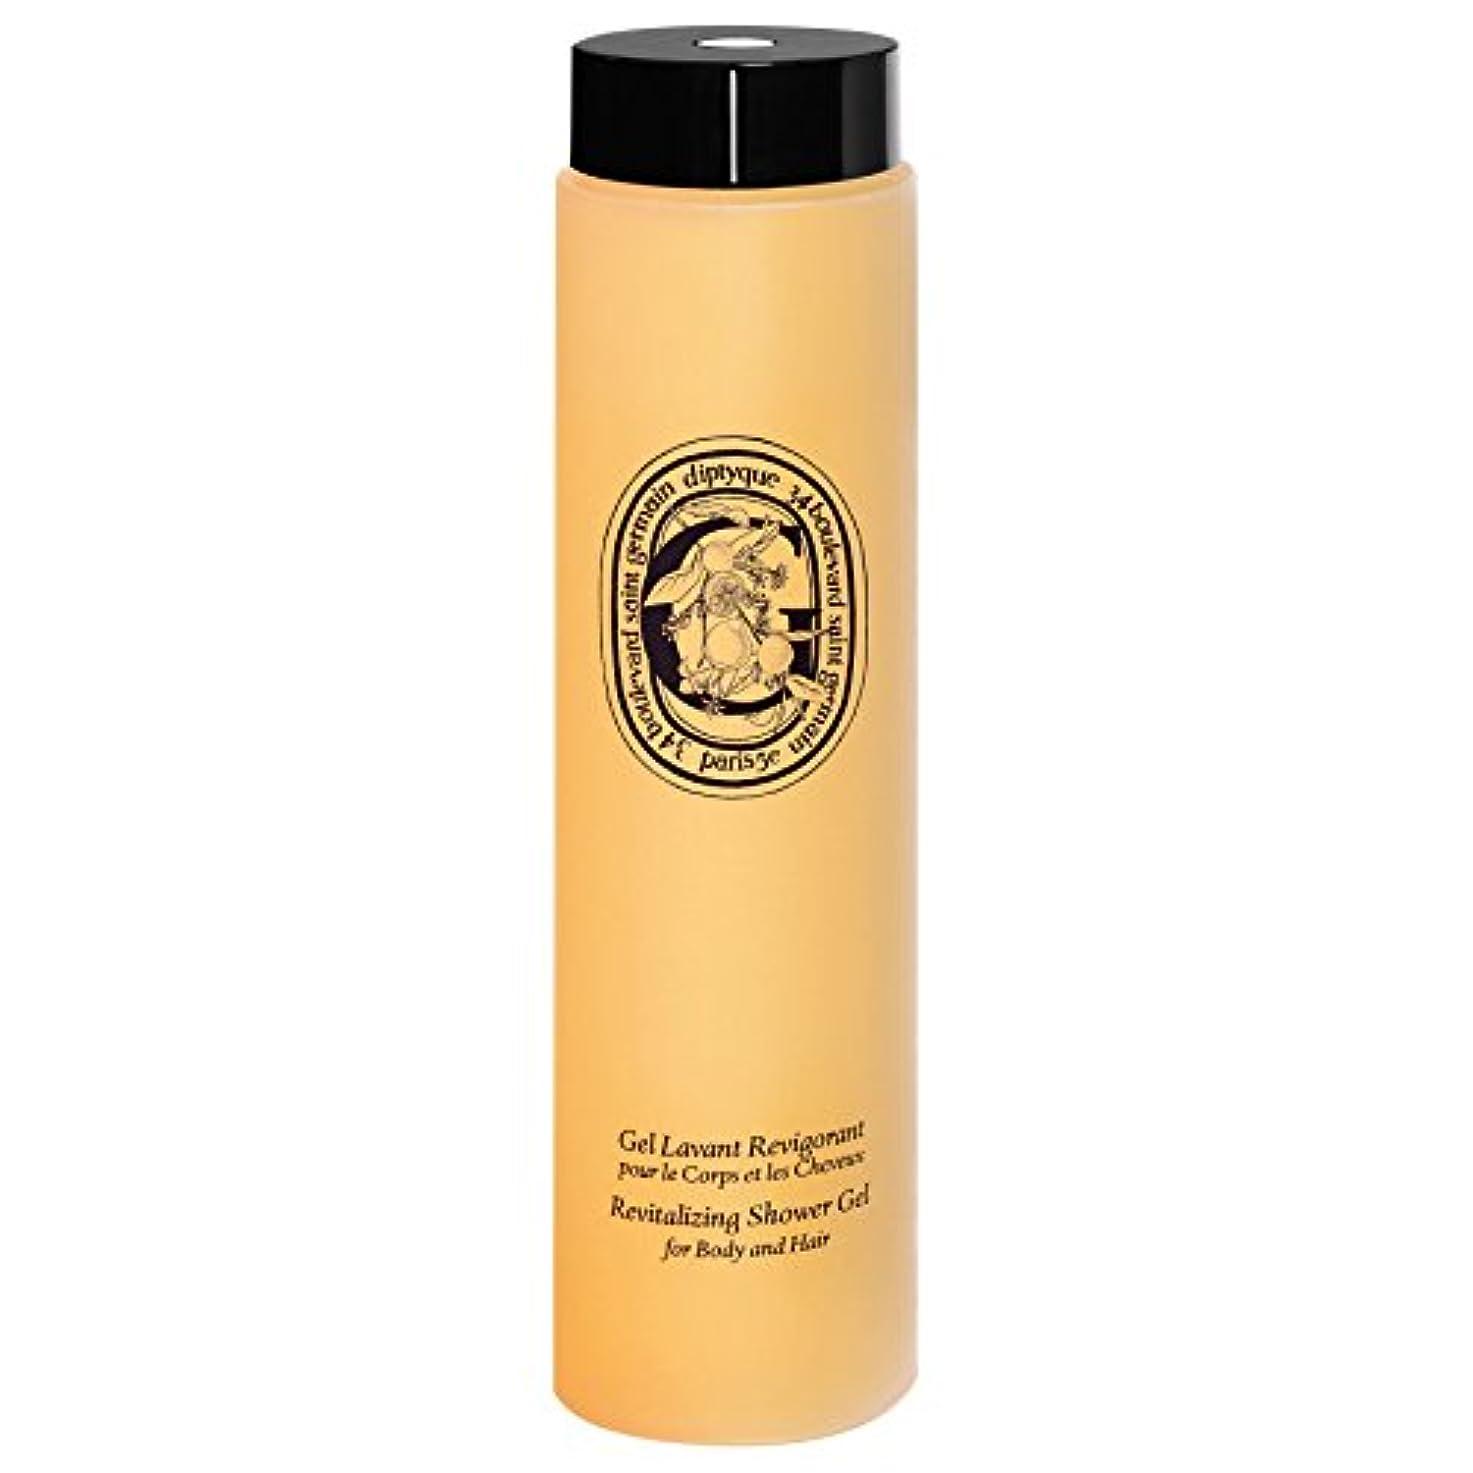 財団みぞれ公式[Diptyque] ボディ、ヘア200ミリリットルのためDiptyqueのリバイタライジングシャワージェル - Diptyque Revitalising Shower Gel For Body And Hair 200ml...